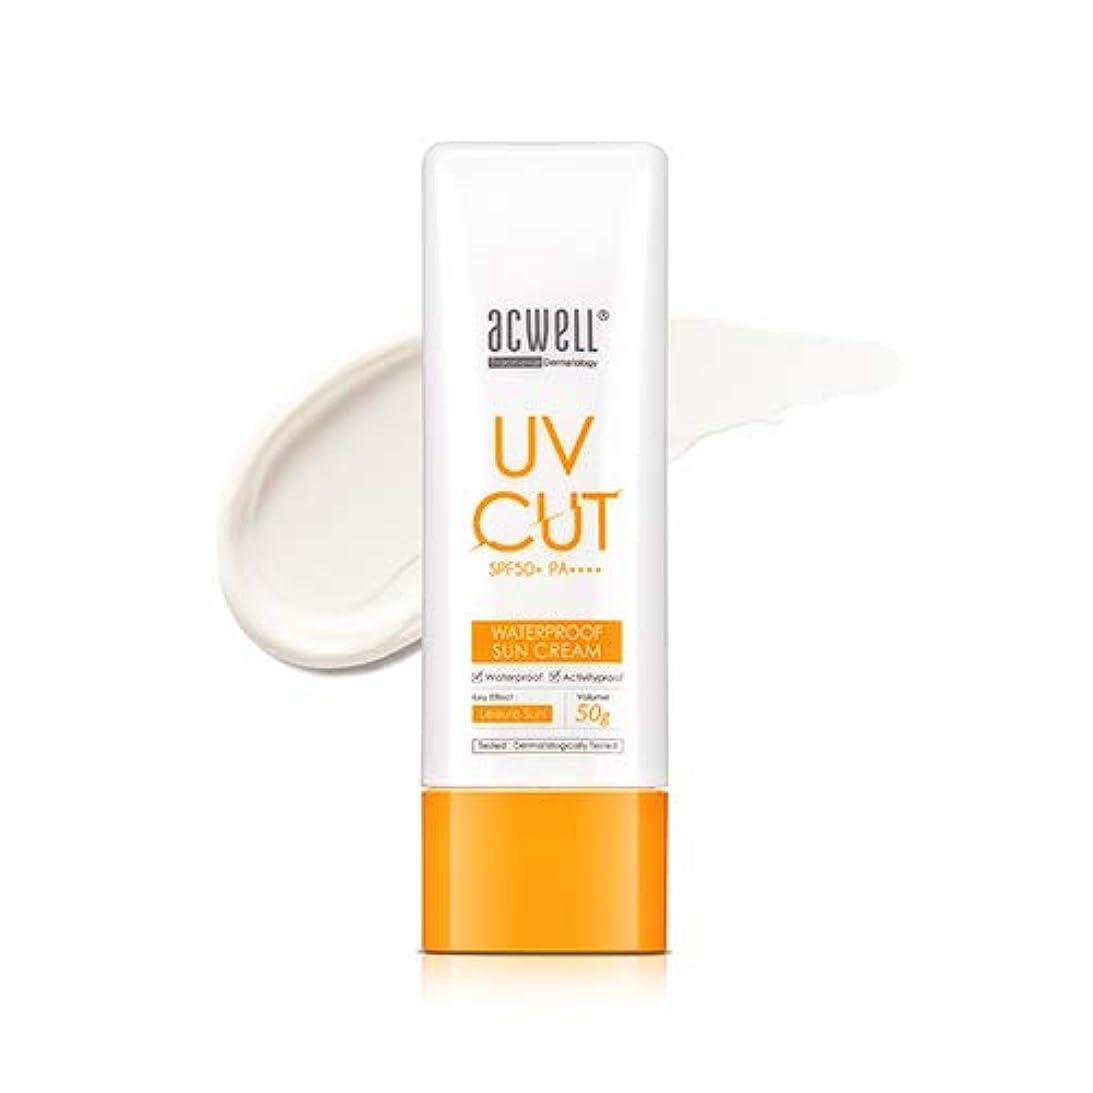 技術的な葉しわアクウェル ACWELL UV Cut Waterproof Sun Cream ウォータープルーフ サンクリーム 50g, SPF50+ PA++++ [Made in Korea]